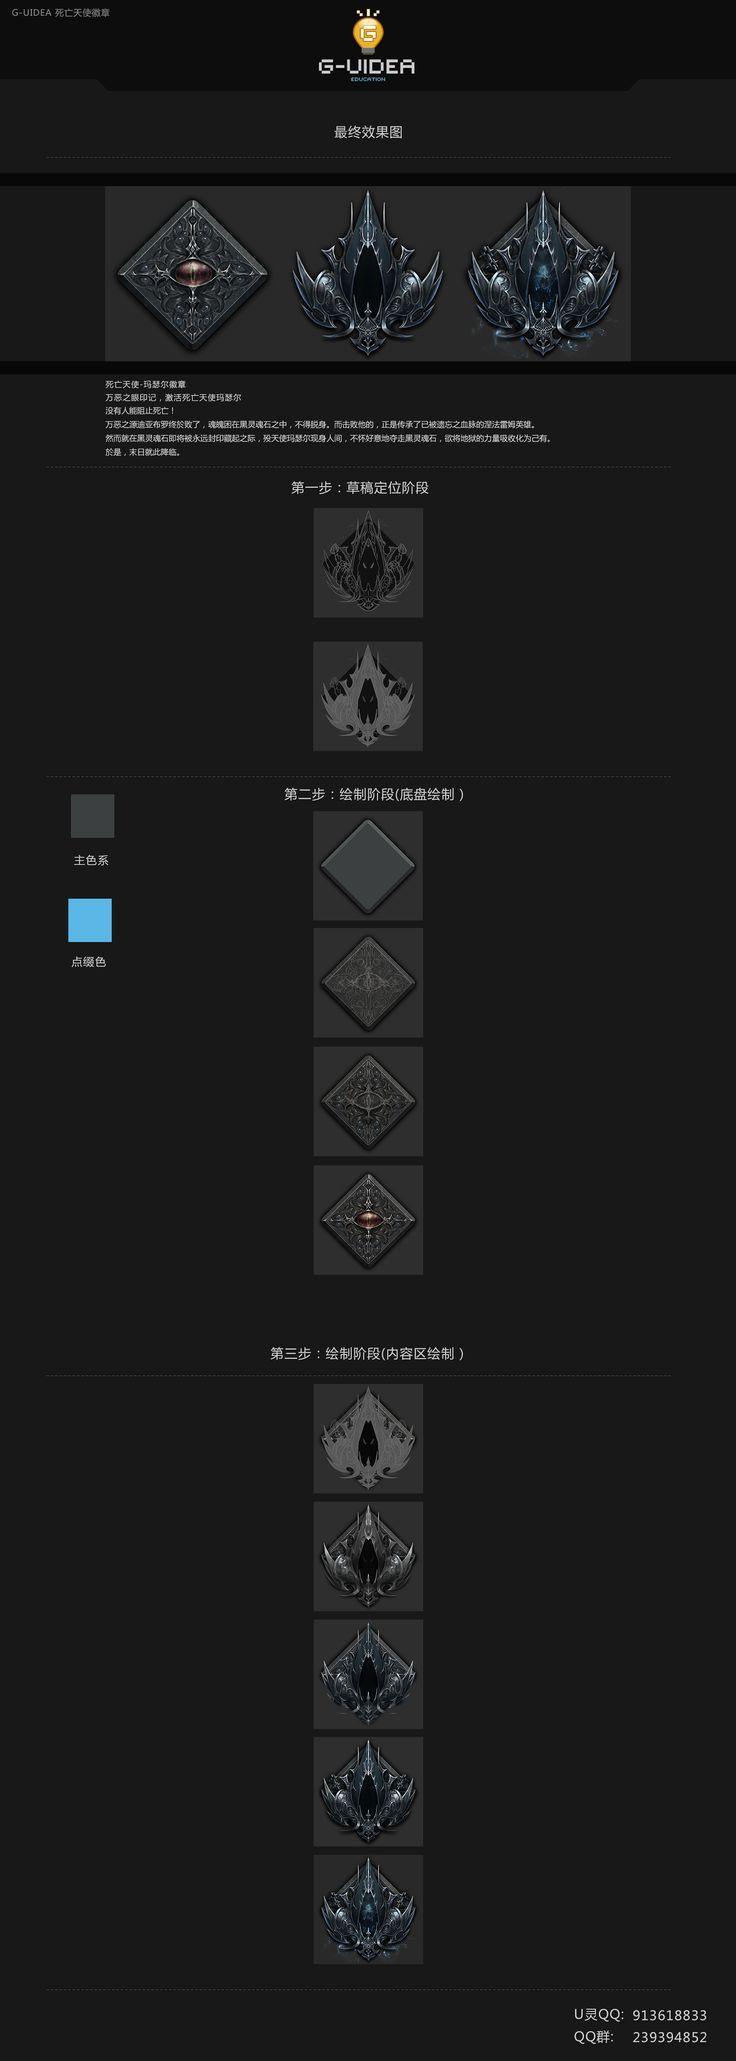 【G-UIDEA】死亡天使徽章设计及教程  GAMEUI- 游戏设计圈聚集地   游戏UI   游戏界面   游戏图标   游戏网站   游戏群   游戏设计